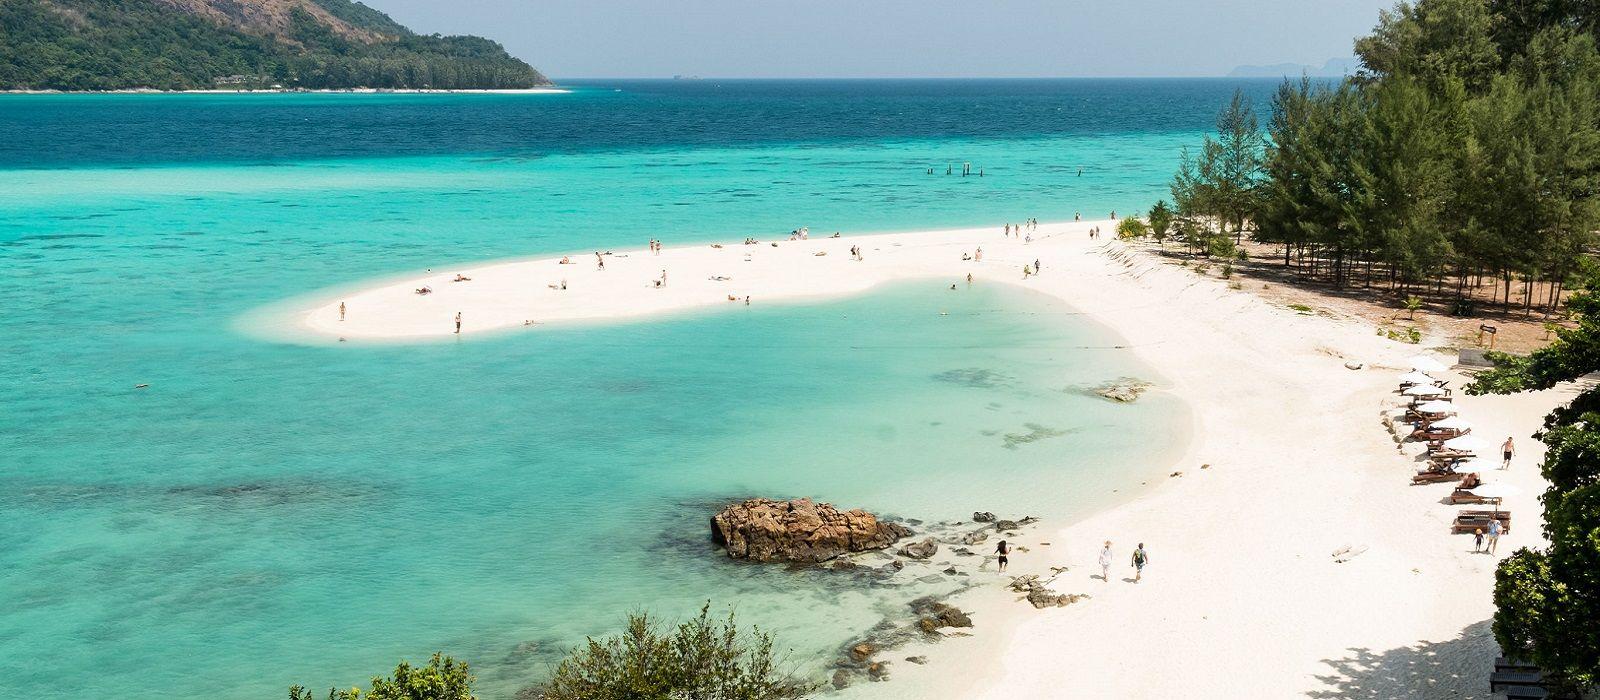 Thailands Norden und der Strand von Koh Samui Urlaub 5